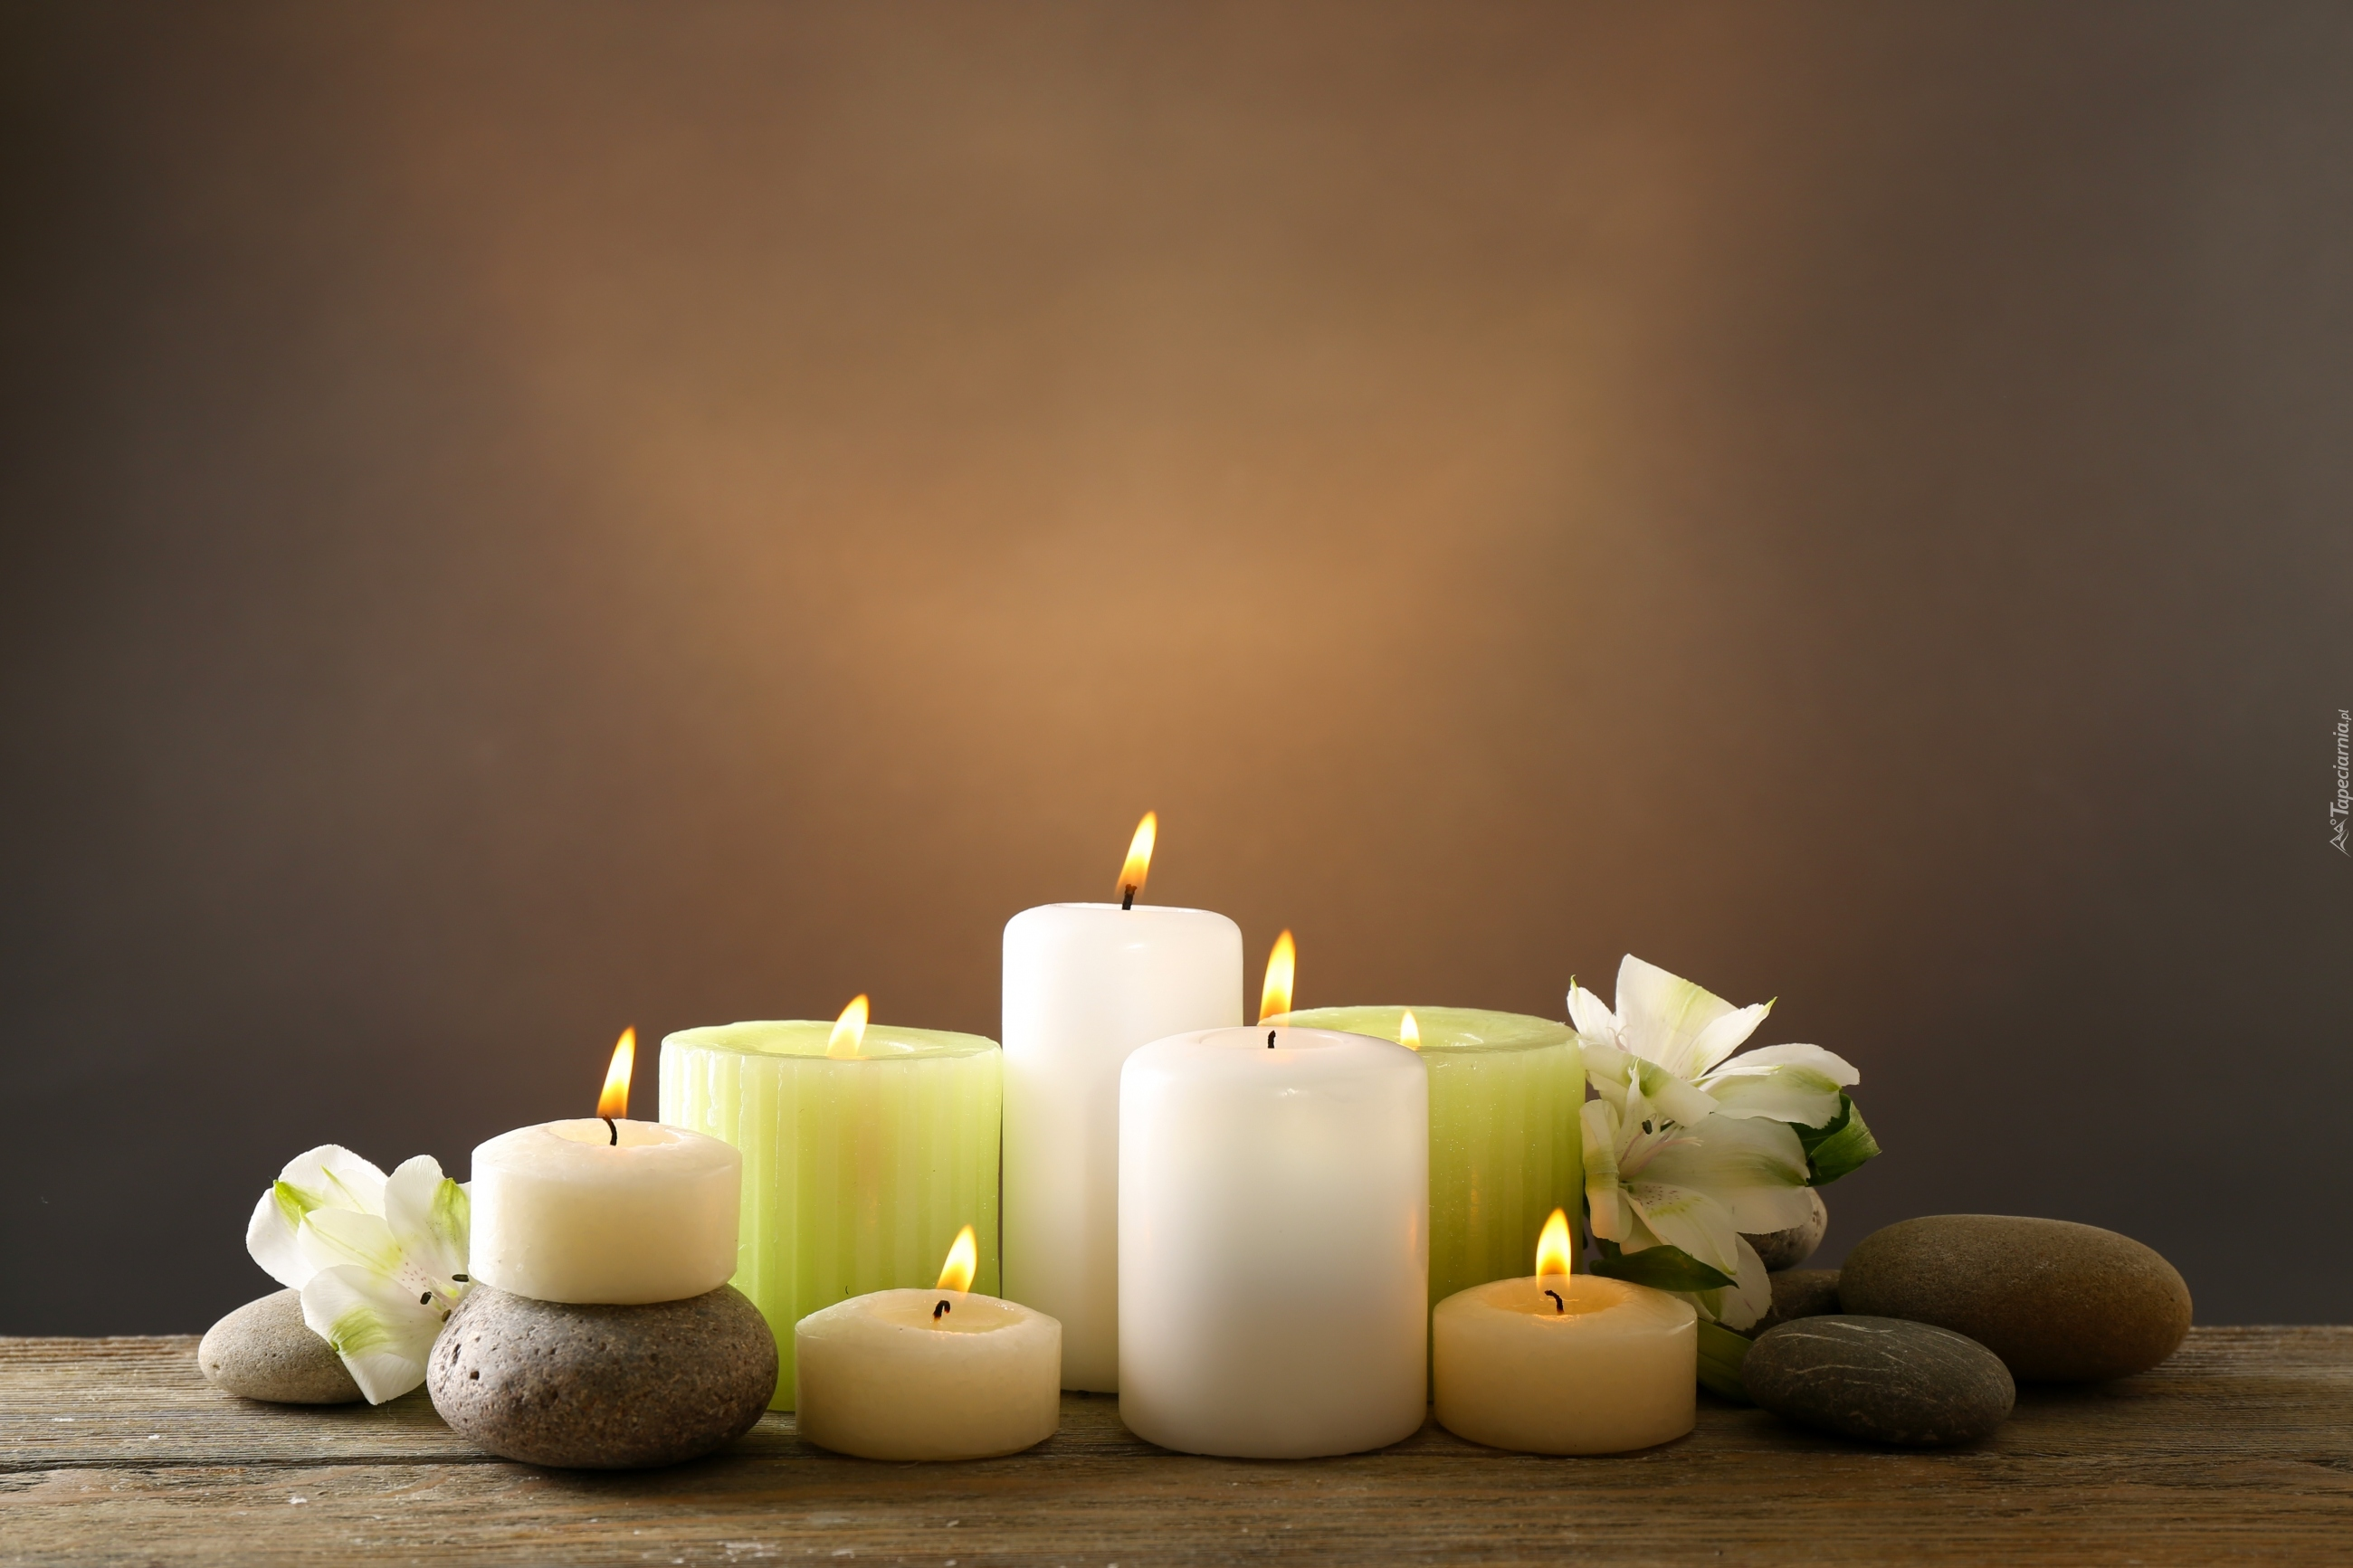 Świece, kamienie i kwiaty w SPA